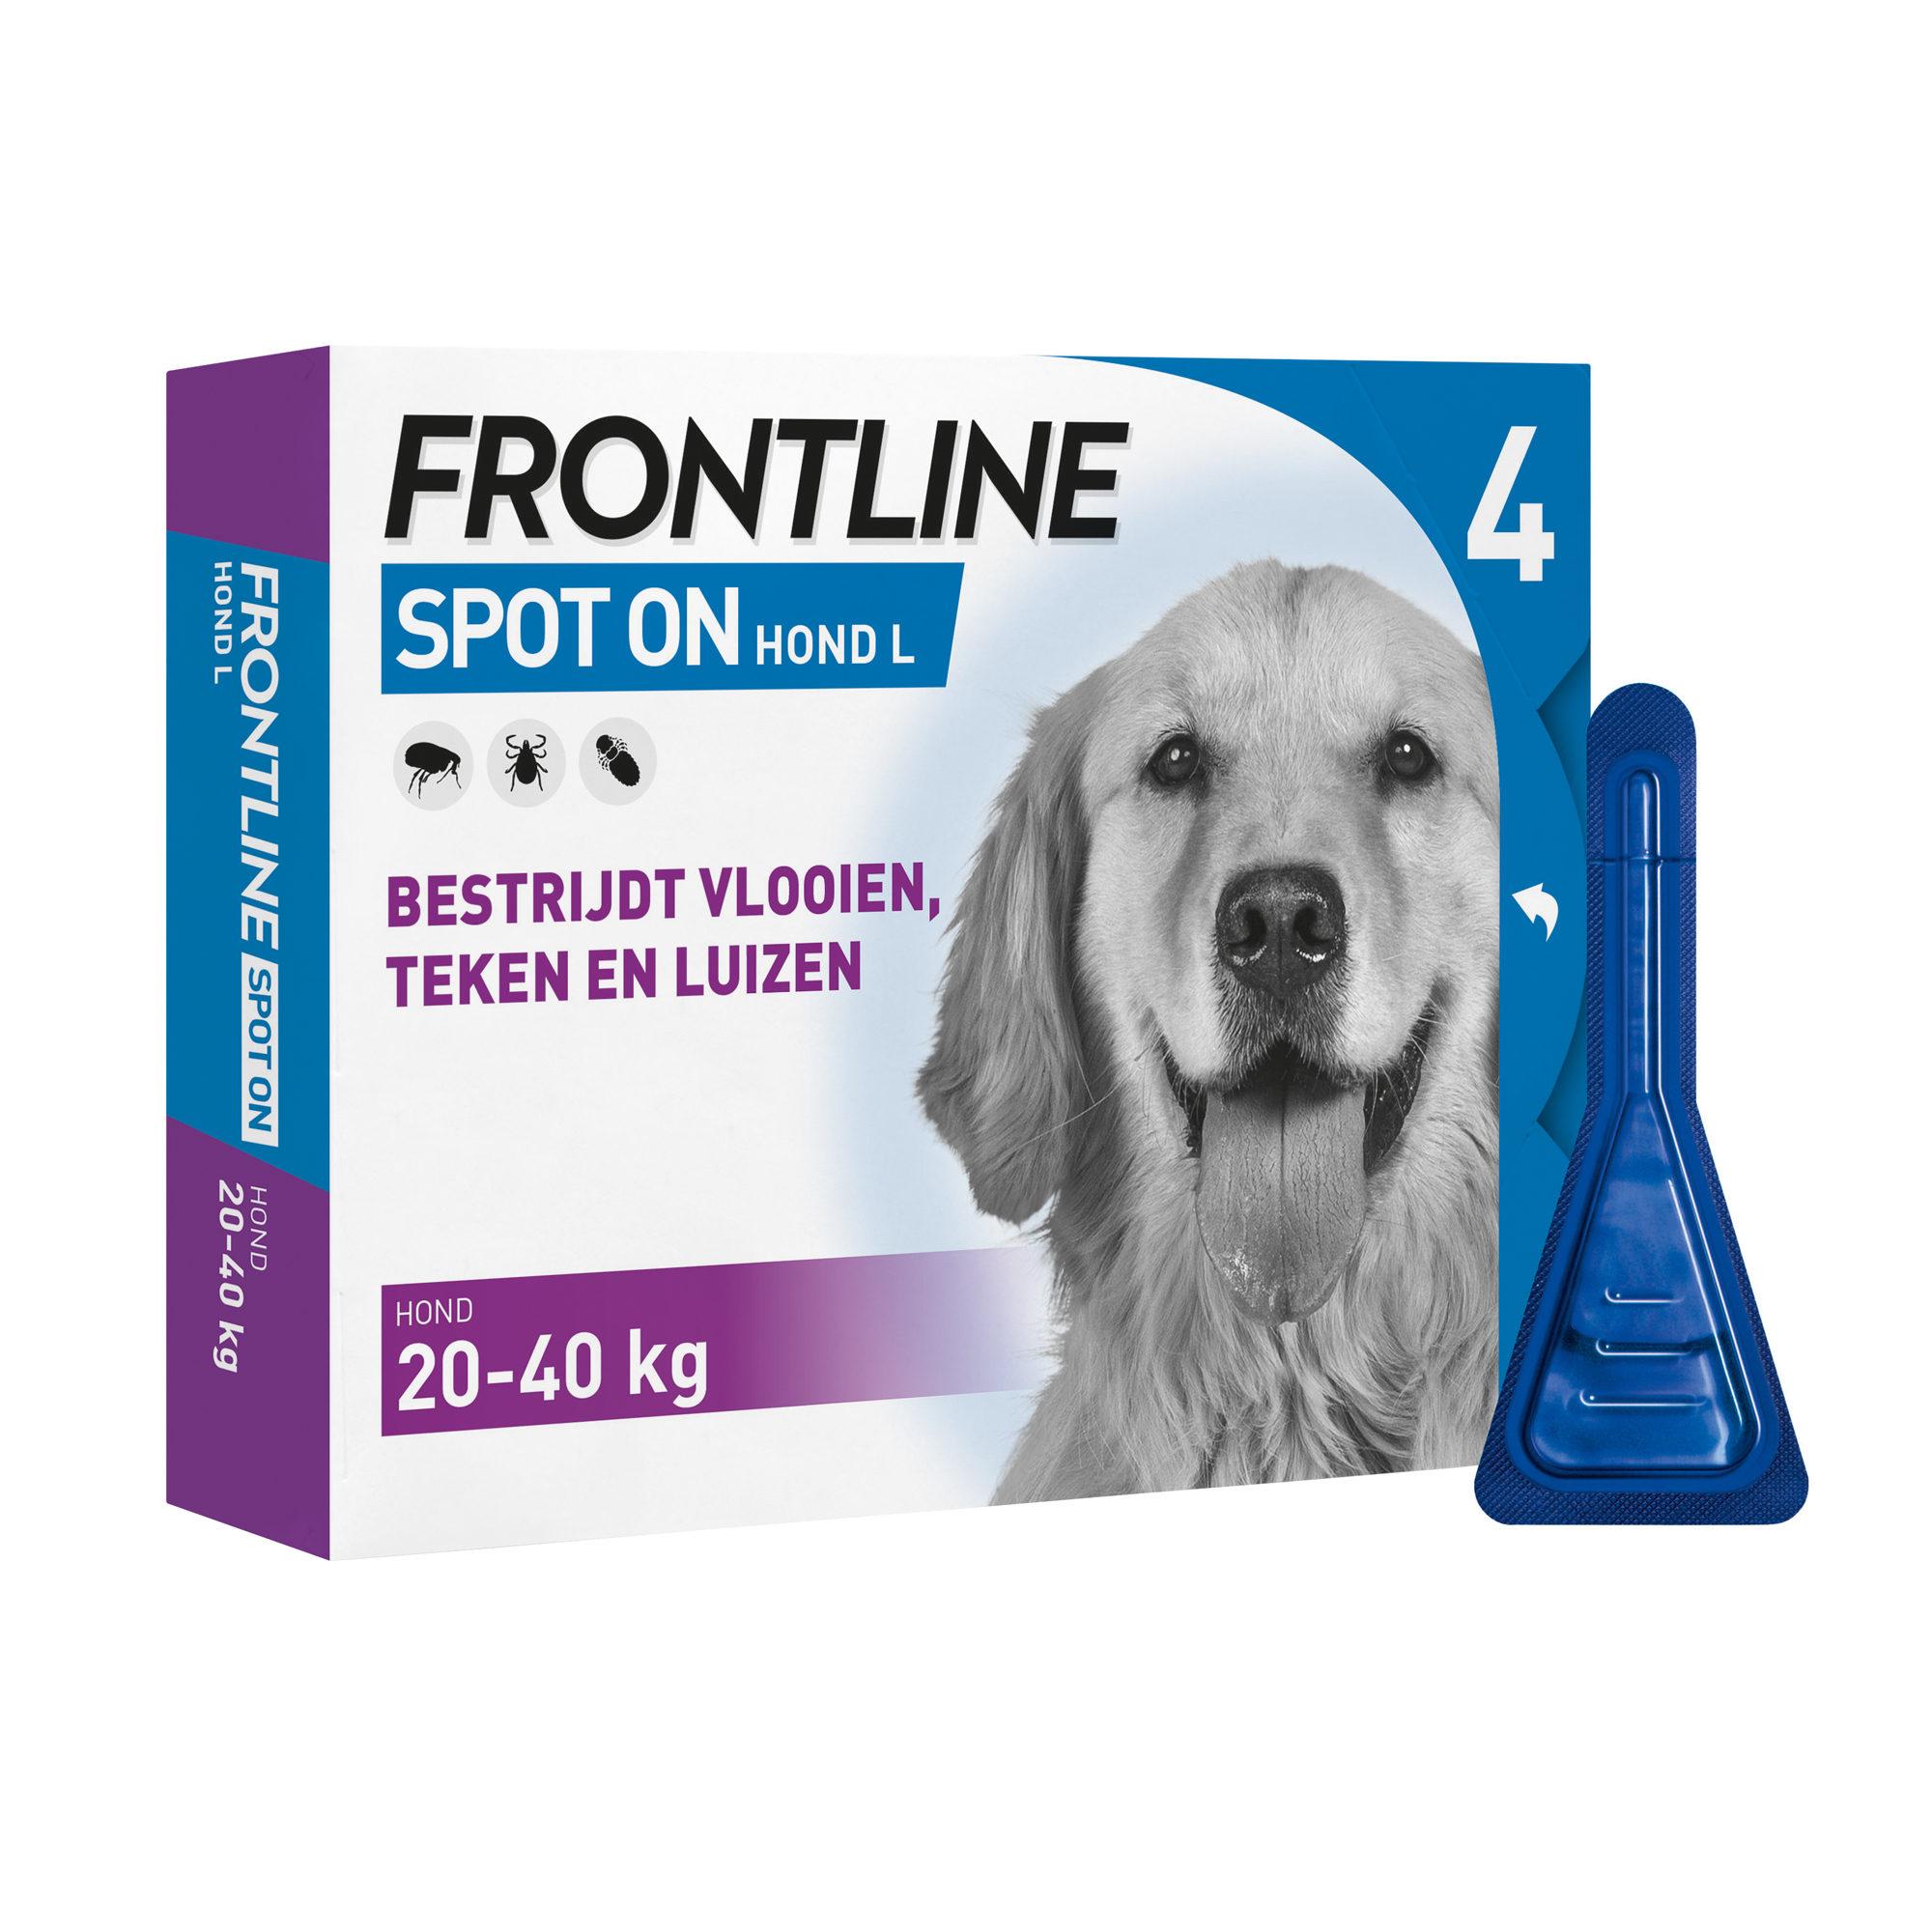 Frontline Spot On Hund L - 20 - 40 kg